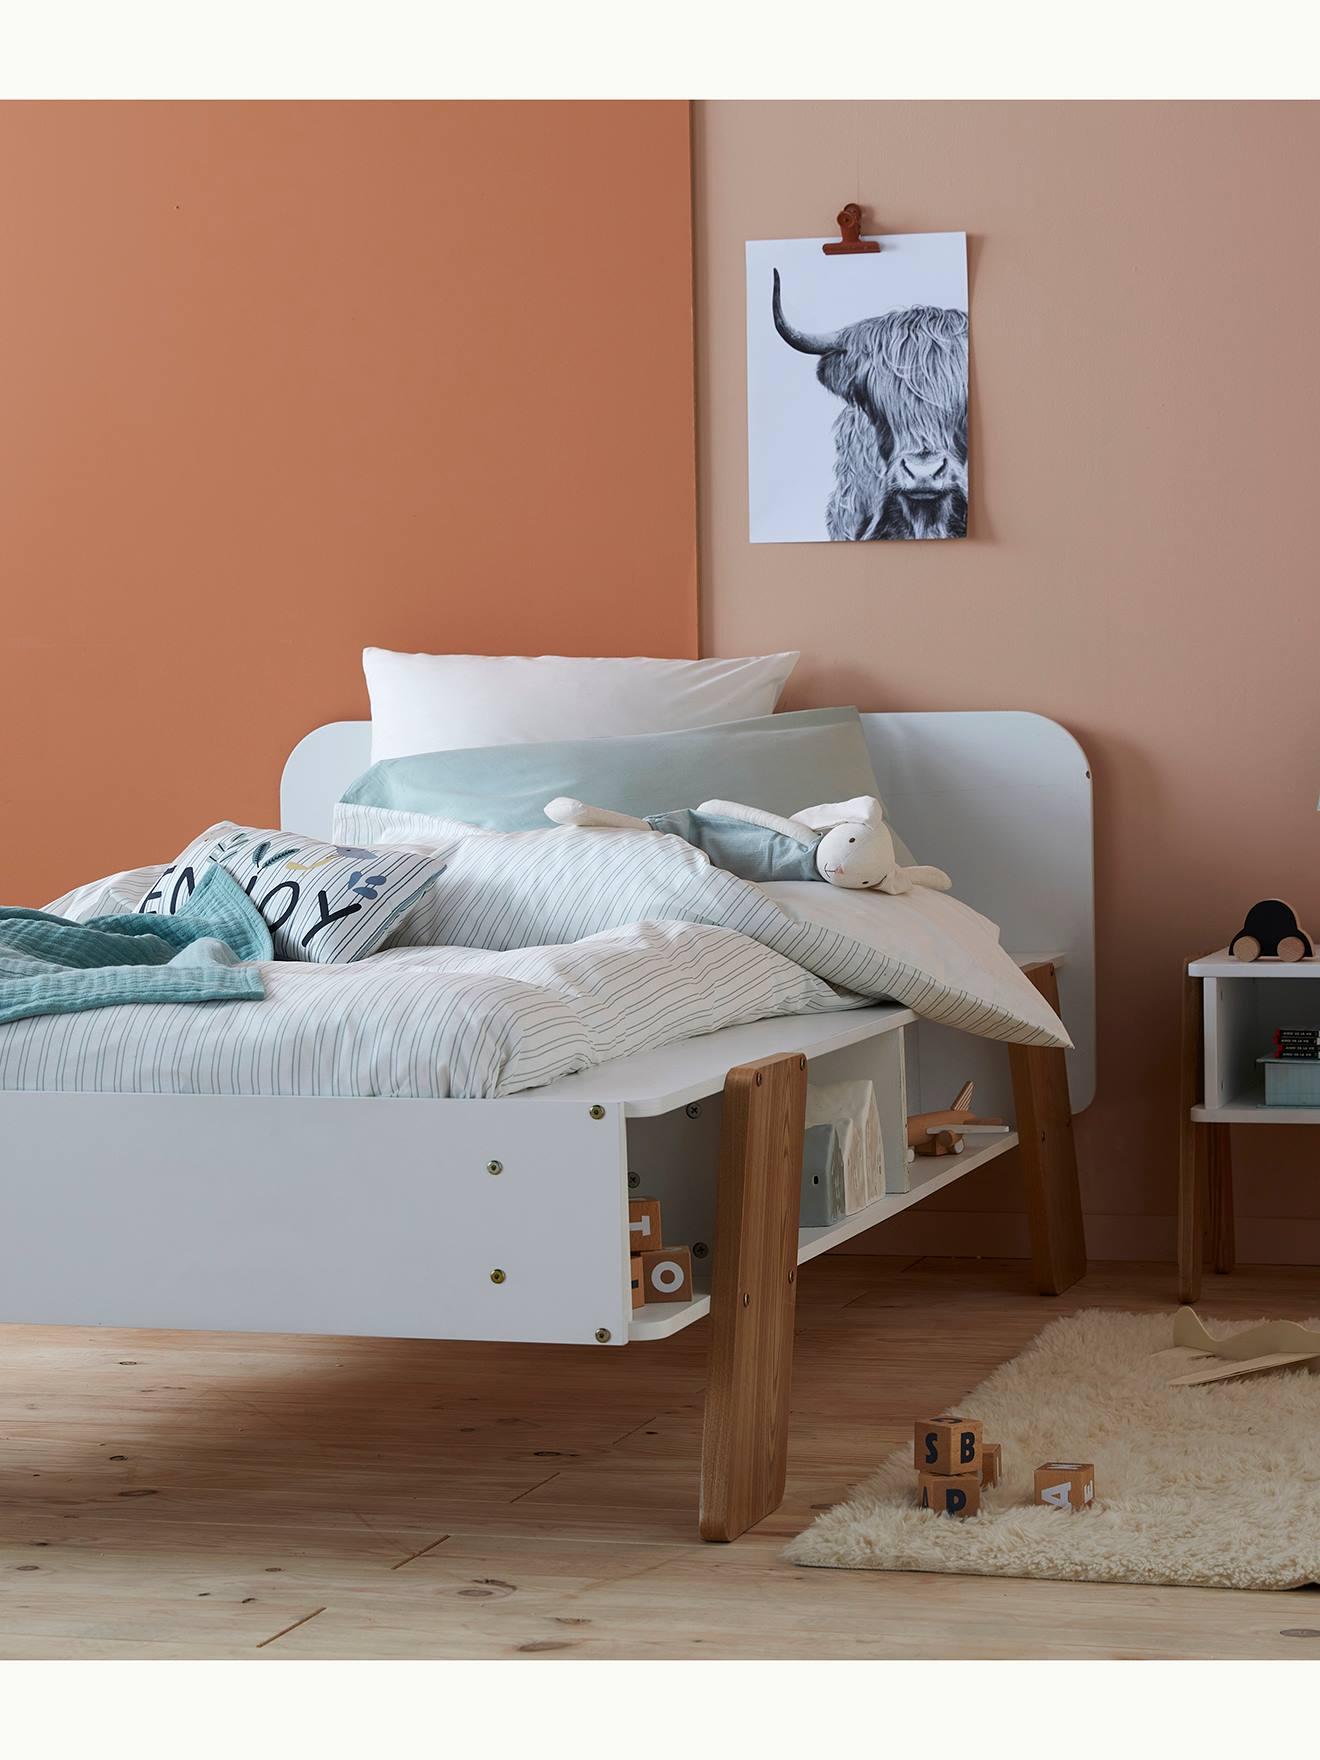 Full Size of Vertbaudet Kinderbett Architekt In Wei Natur Coole Betten T Shirt Sprüche T Shirt Wohnzimmer Coole Kinderbetten